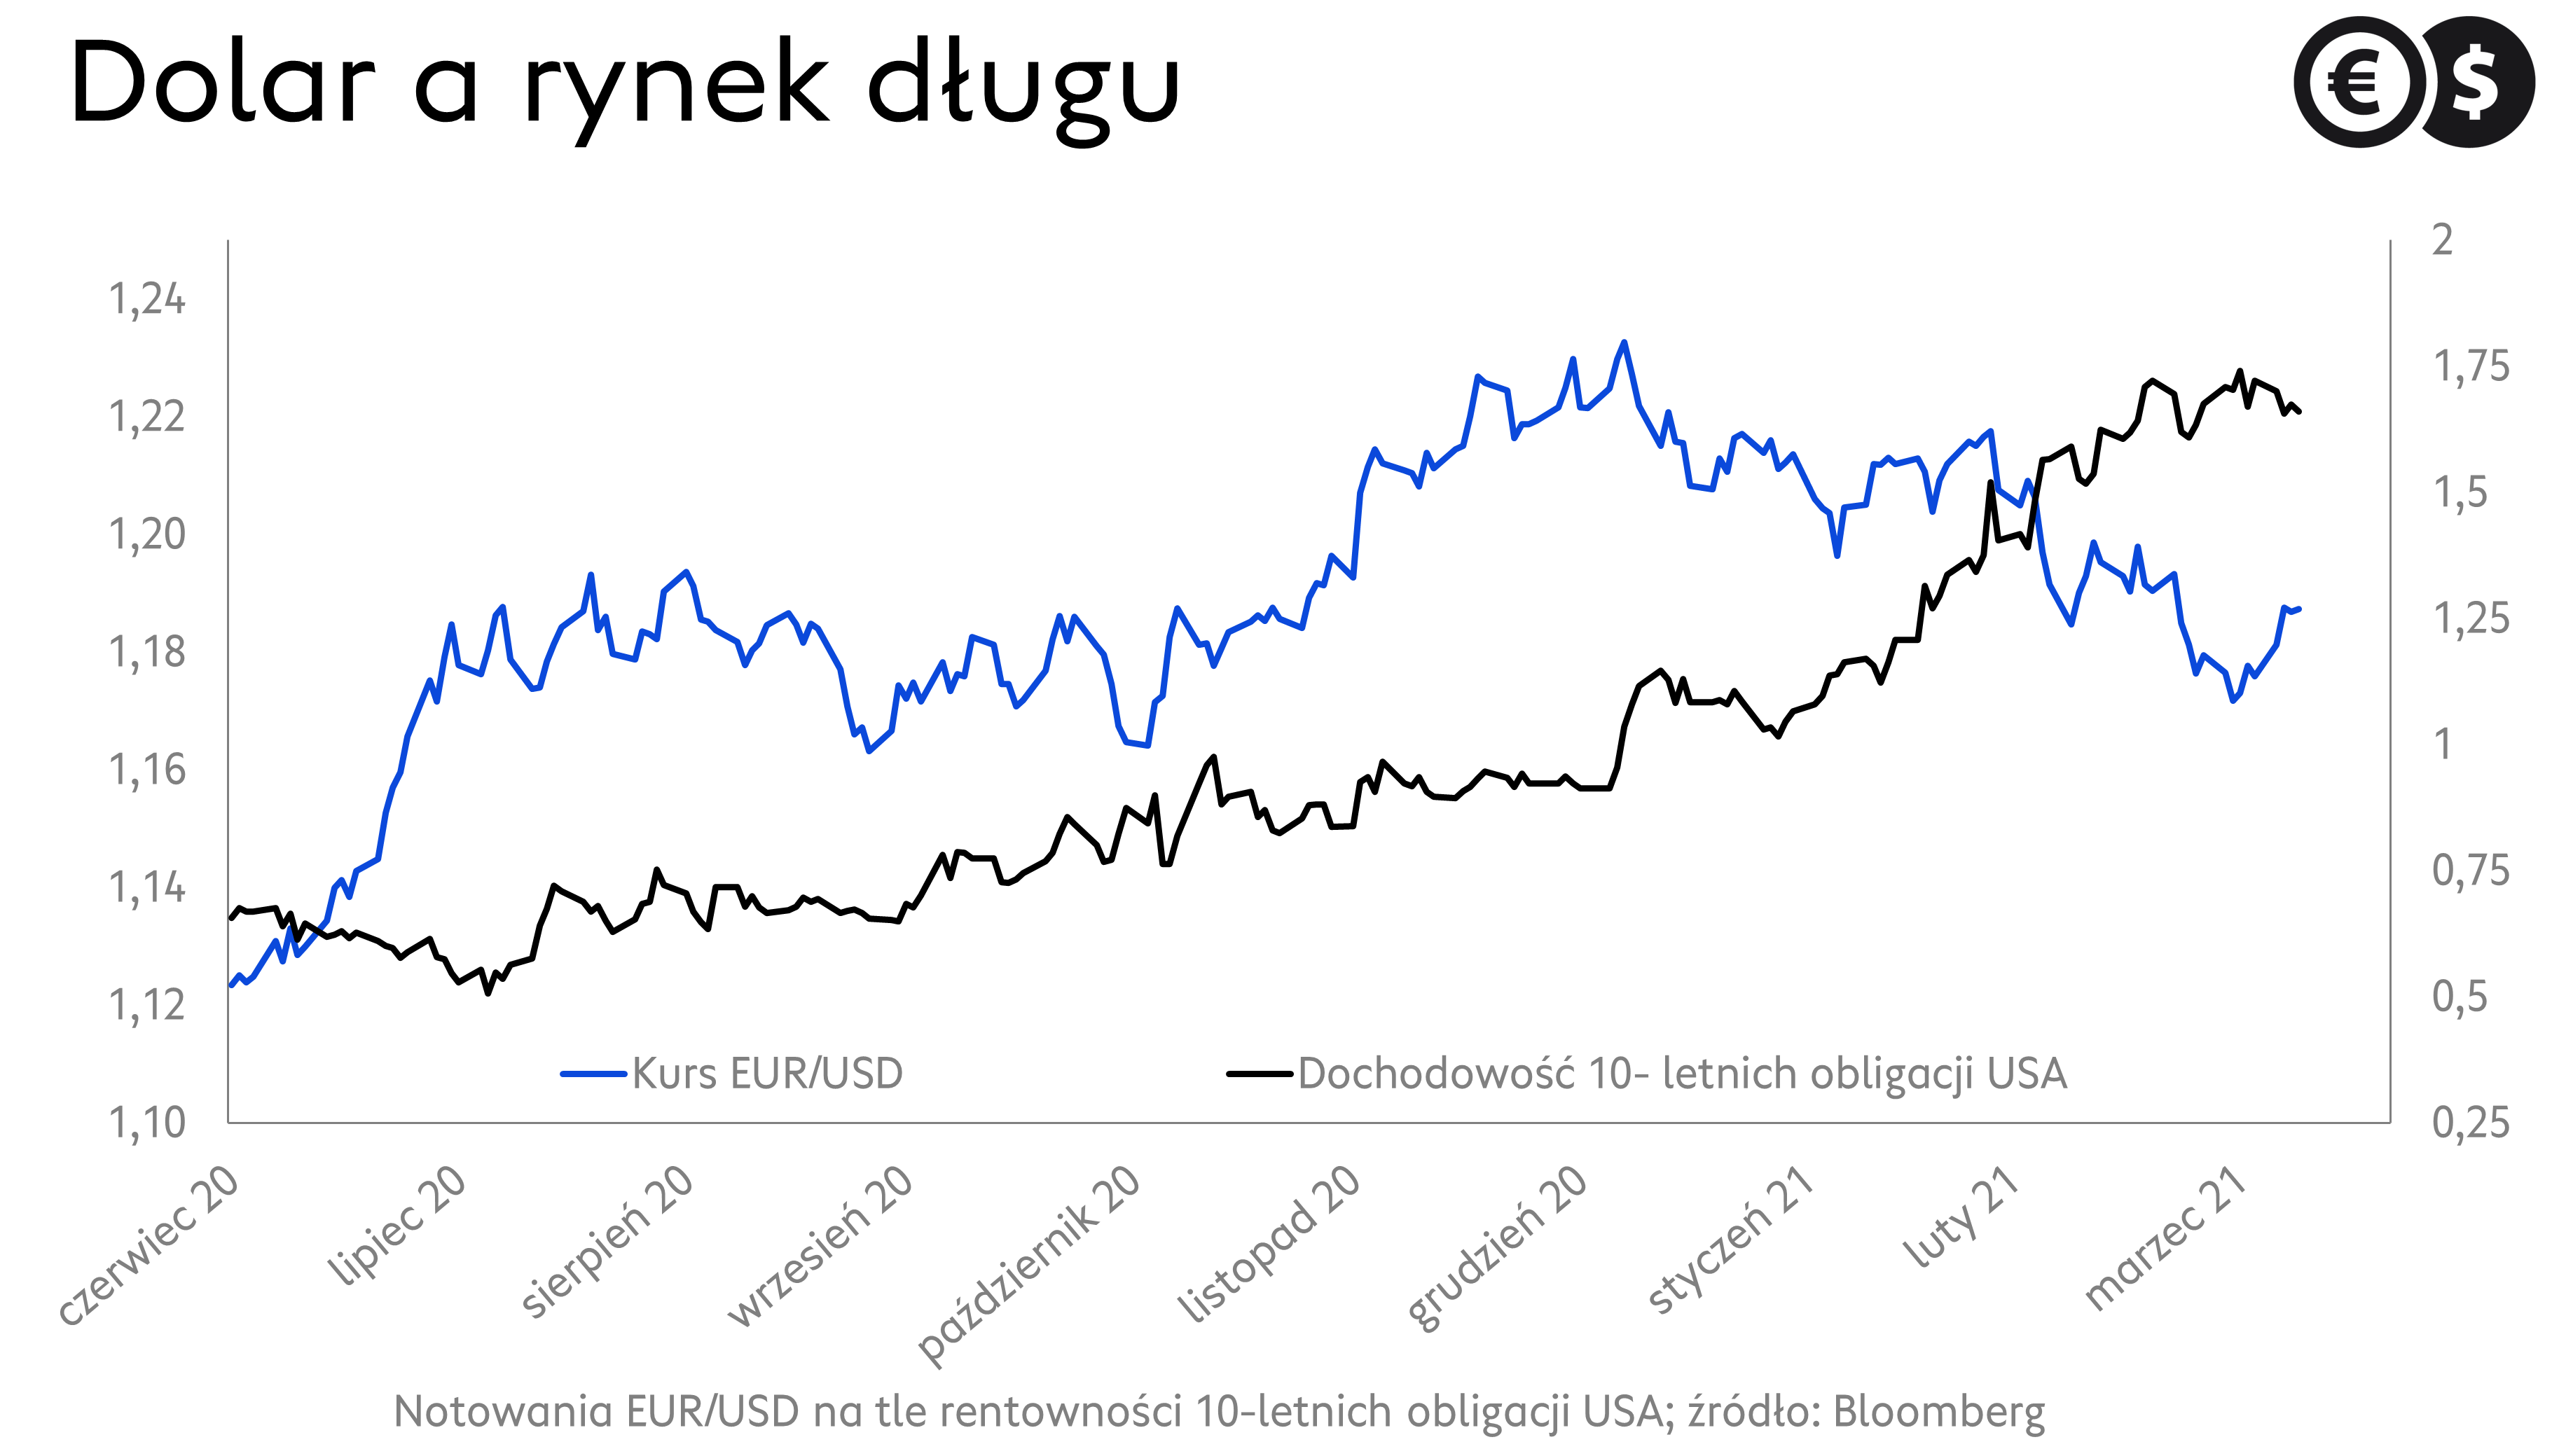 Notowania dolara; kurs EUR/USD na tle rentowności długu USA; źródło: Bloomberg